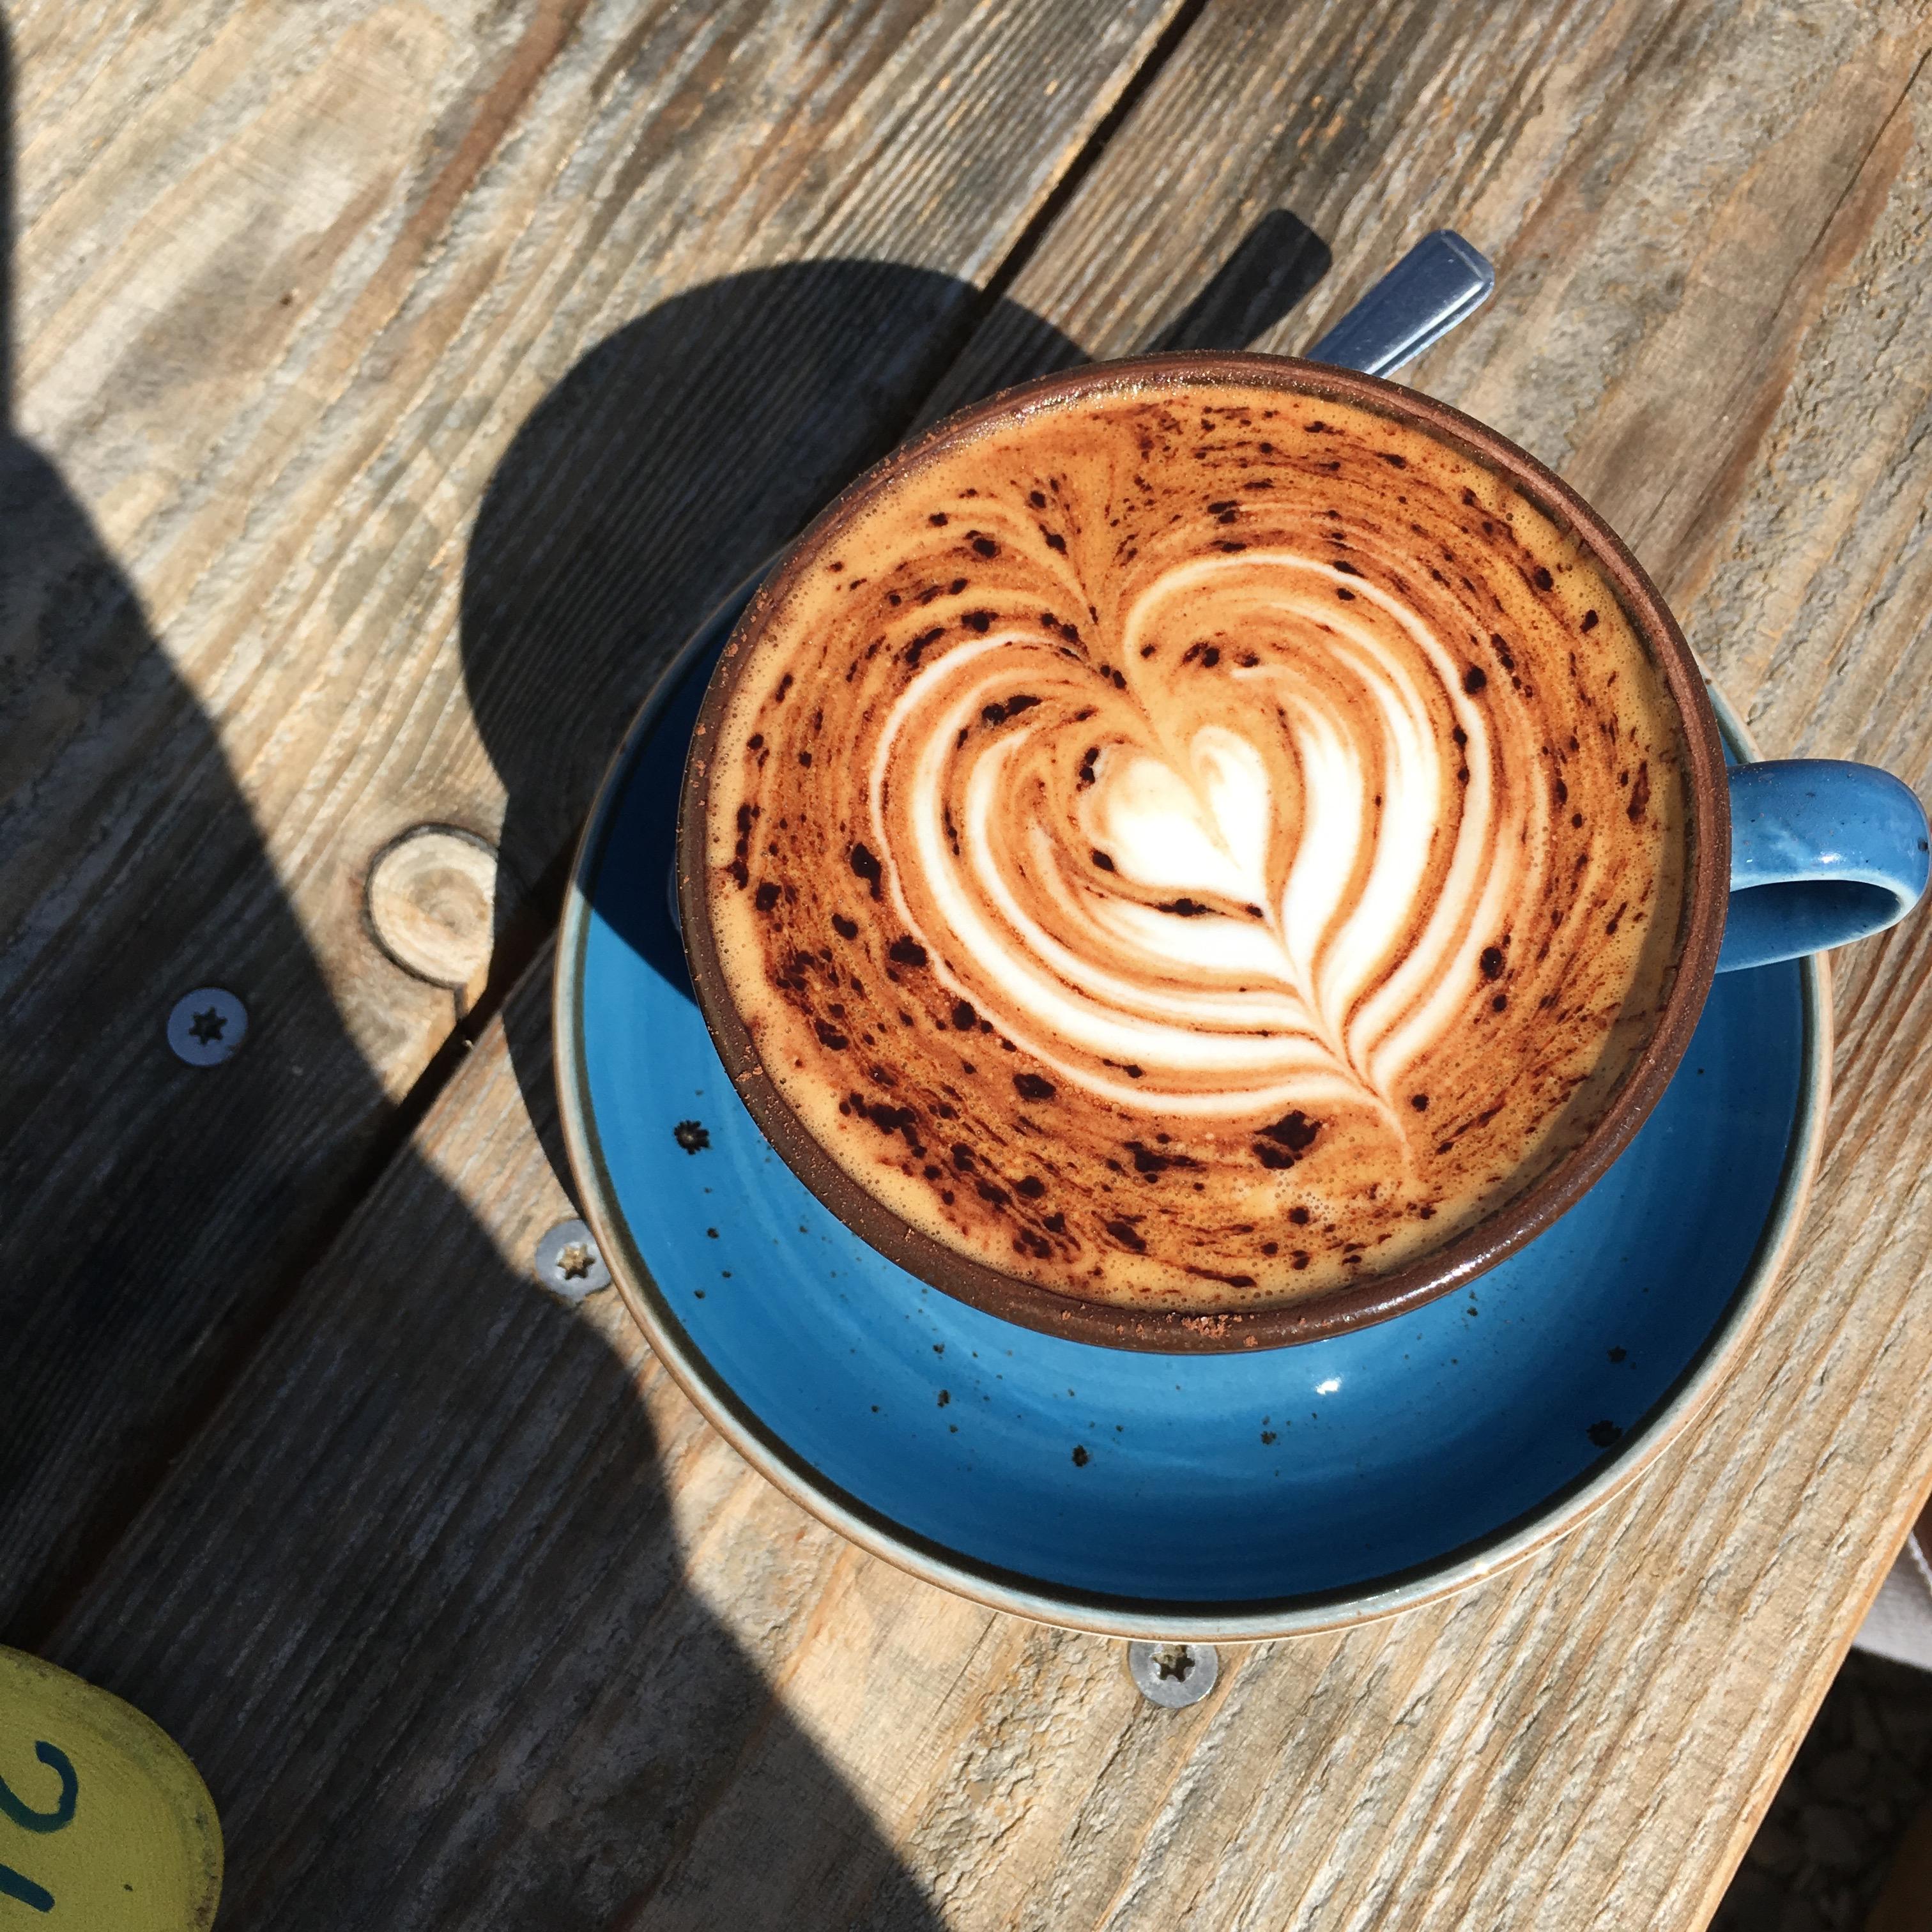 Places to eat - The Meadow Café, St Davids